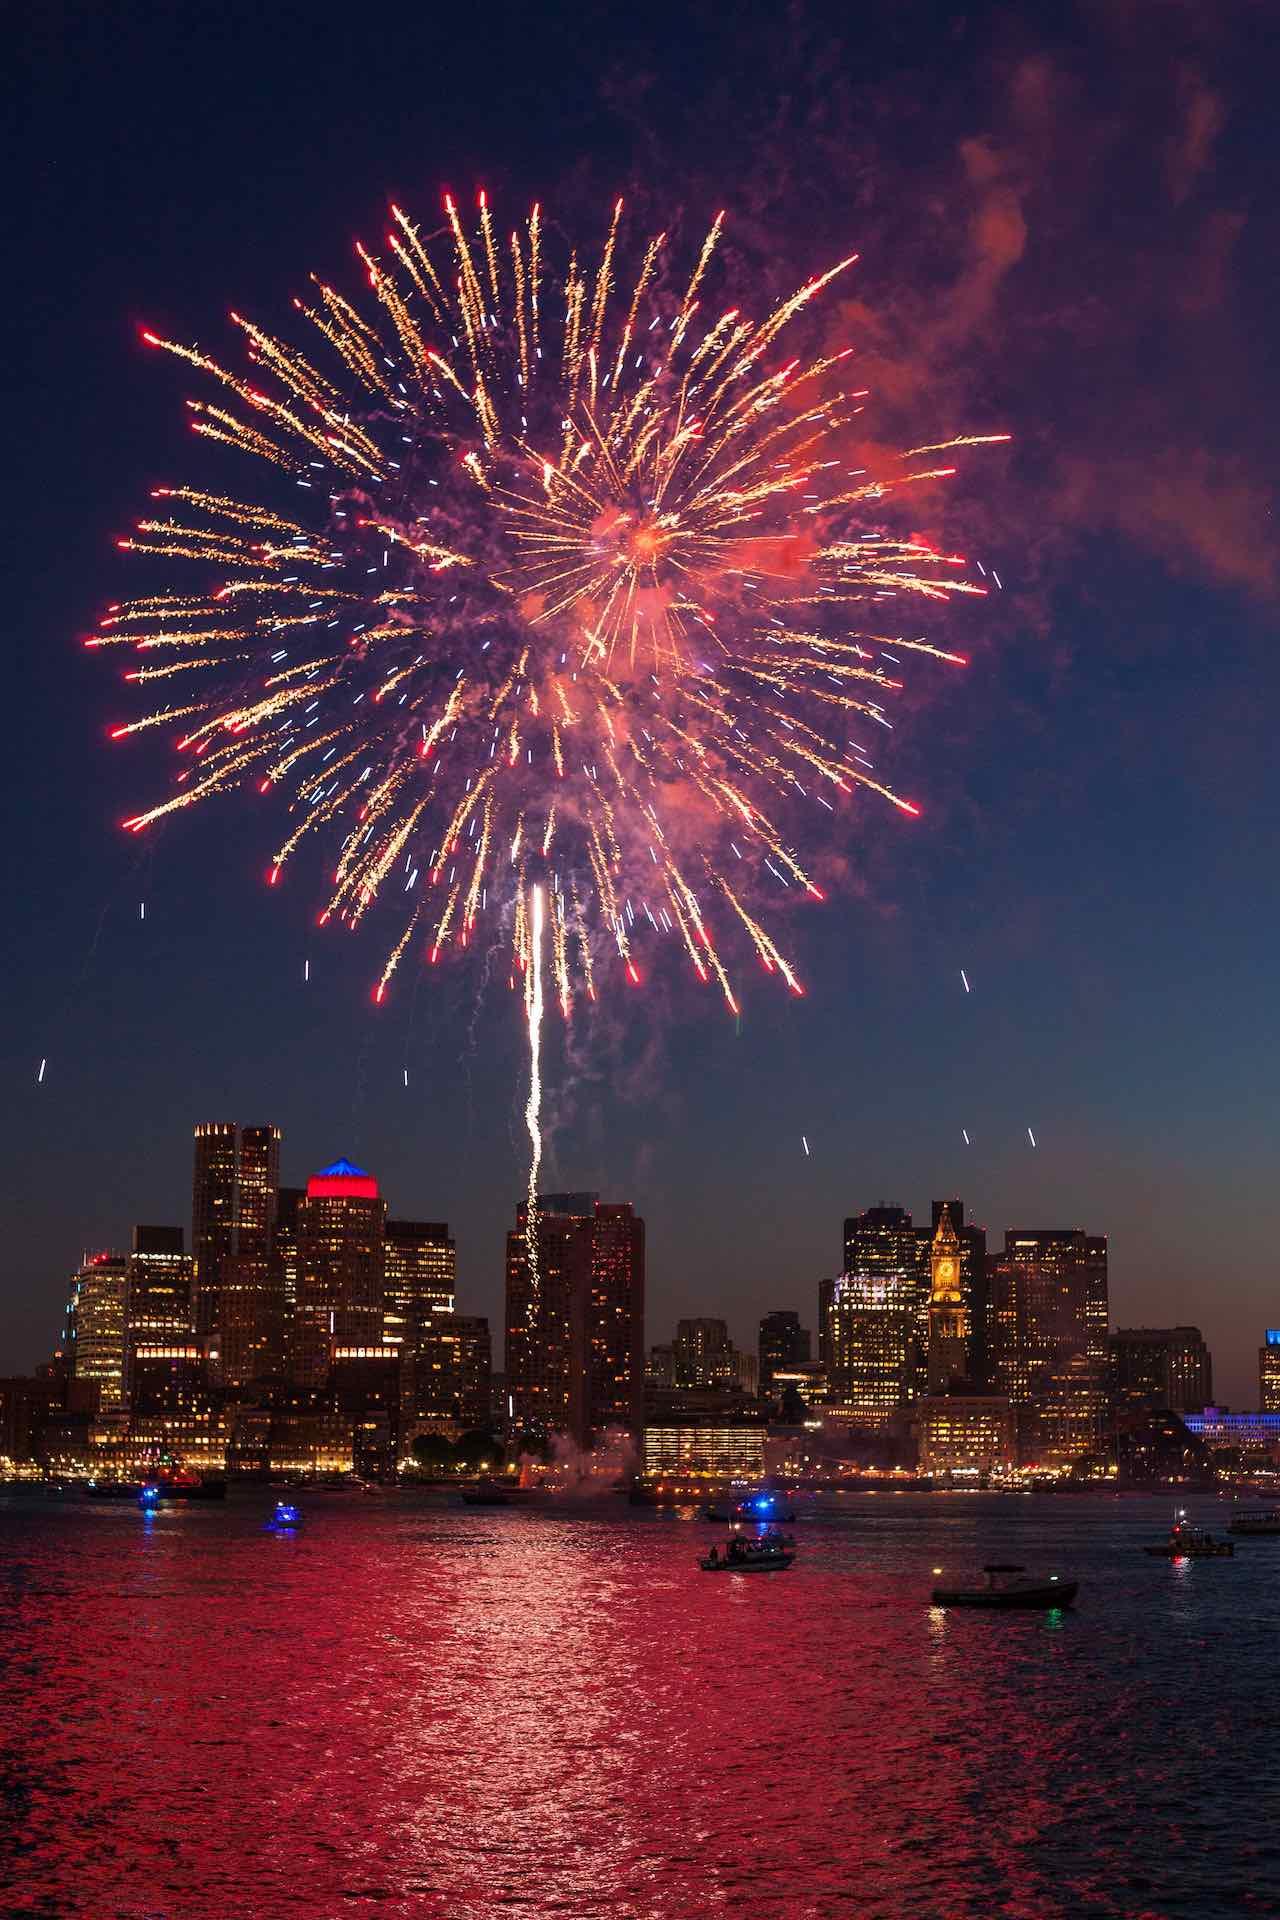 Fireworks over Boston City